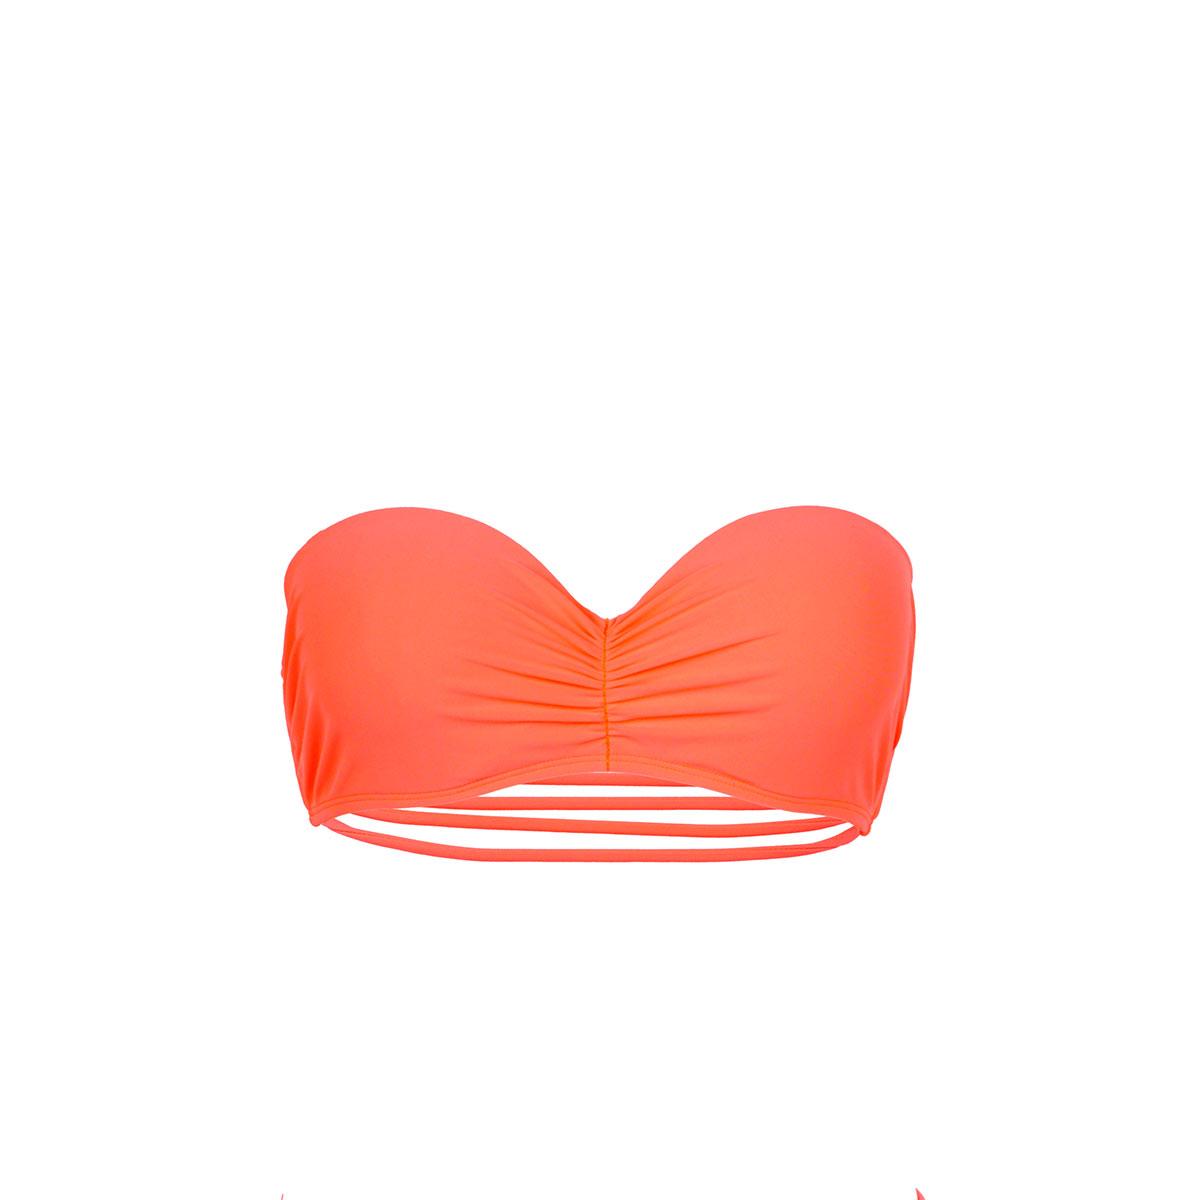 Mon Teenie Bikini - Costume a fascia push-up corallo fluo (Pezzo di sopra)